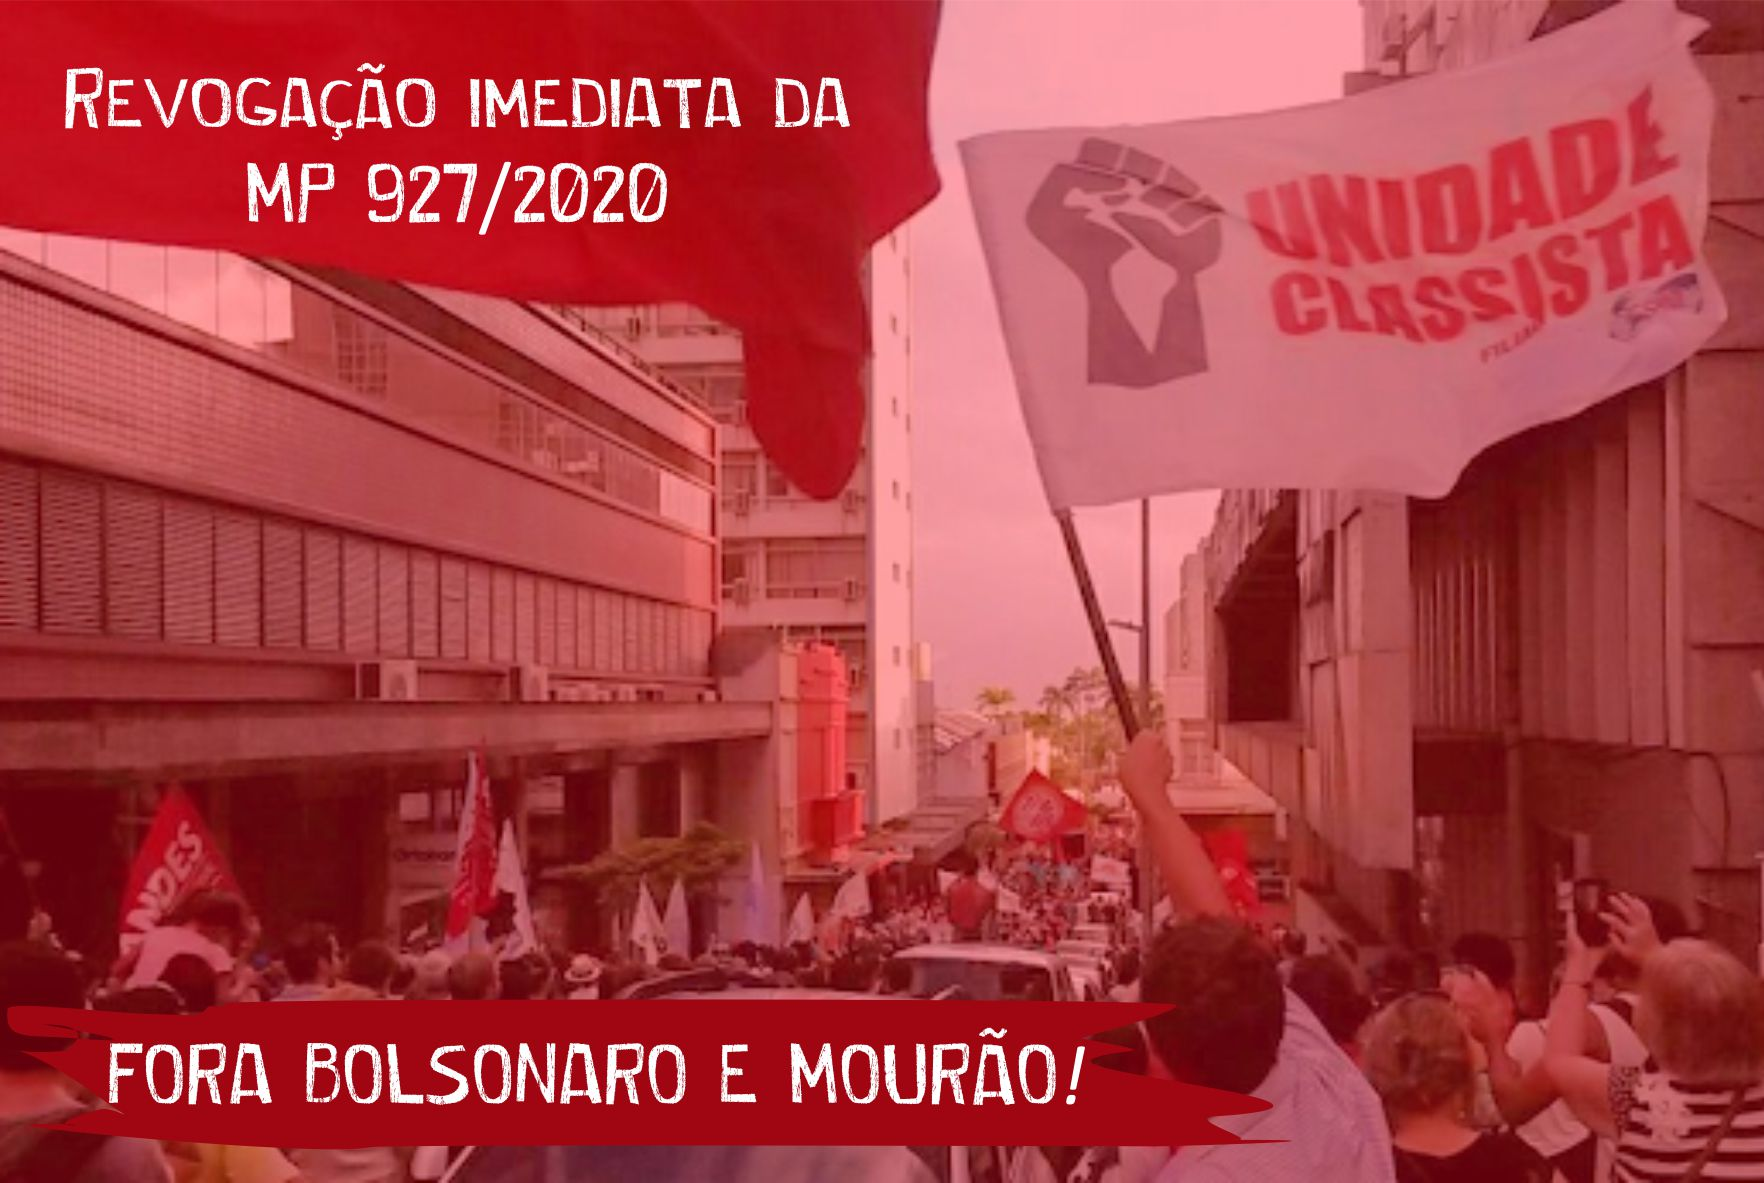 BOLSONARO QUER NOS MATAR, É HORA DE REAGIR E PARAR A PRODUÇÃO!